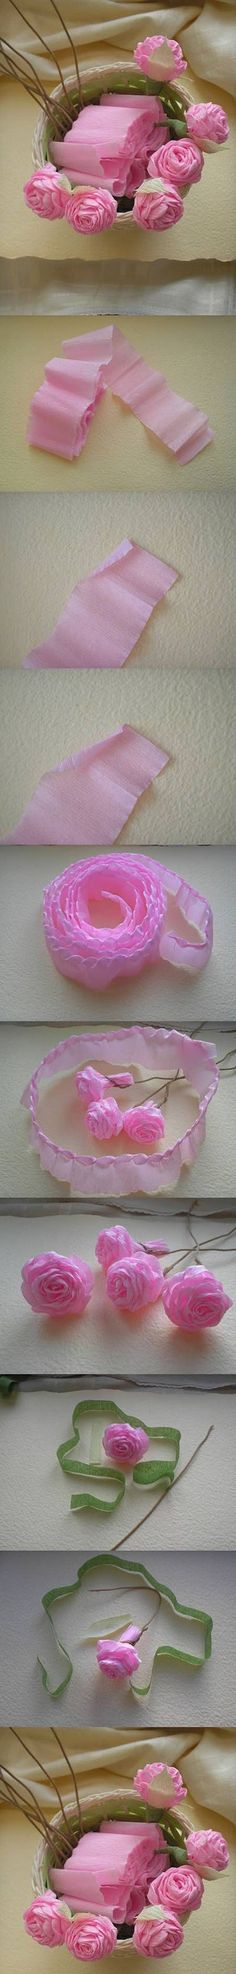 16  DIY Rose from Crepe Paper1f6b04 | DIY